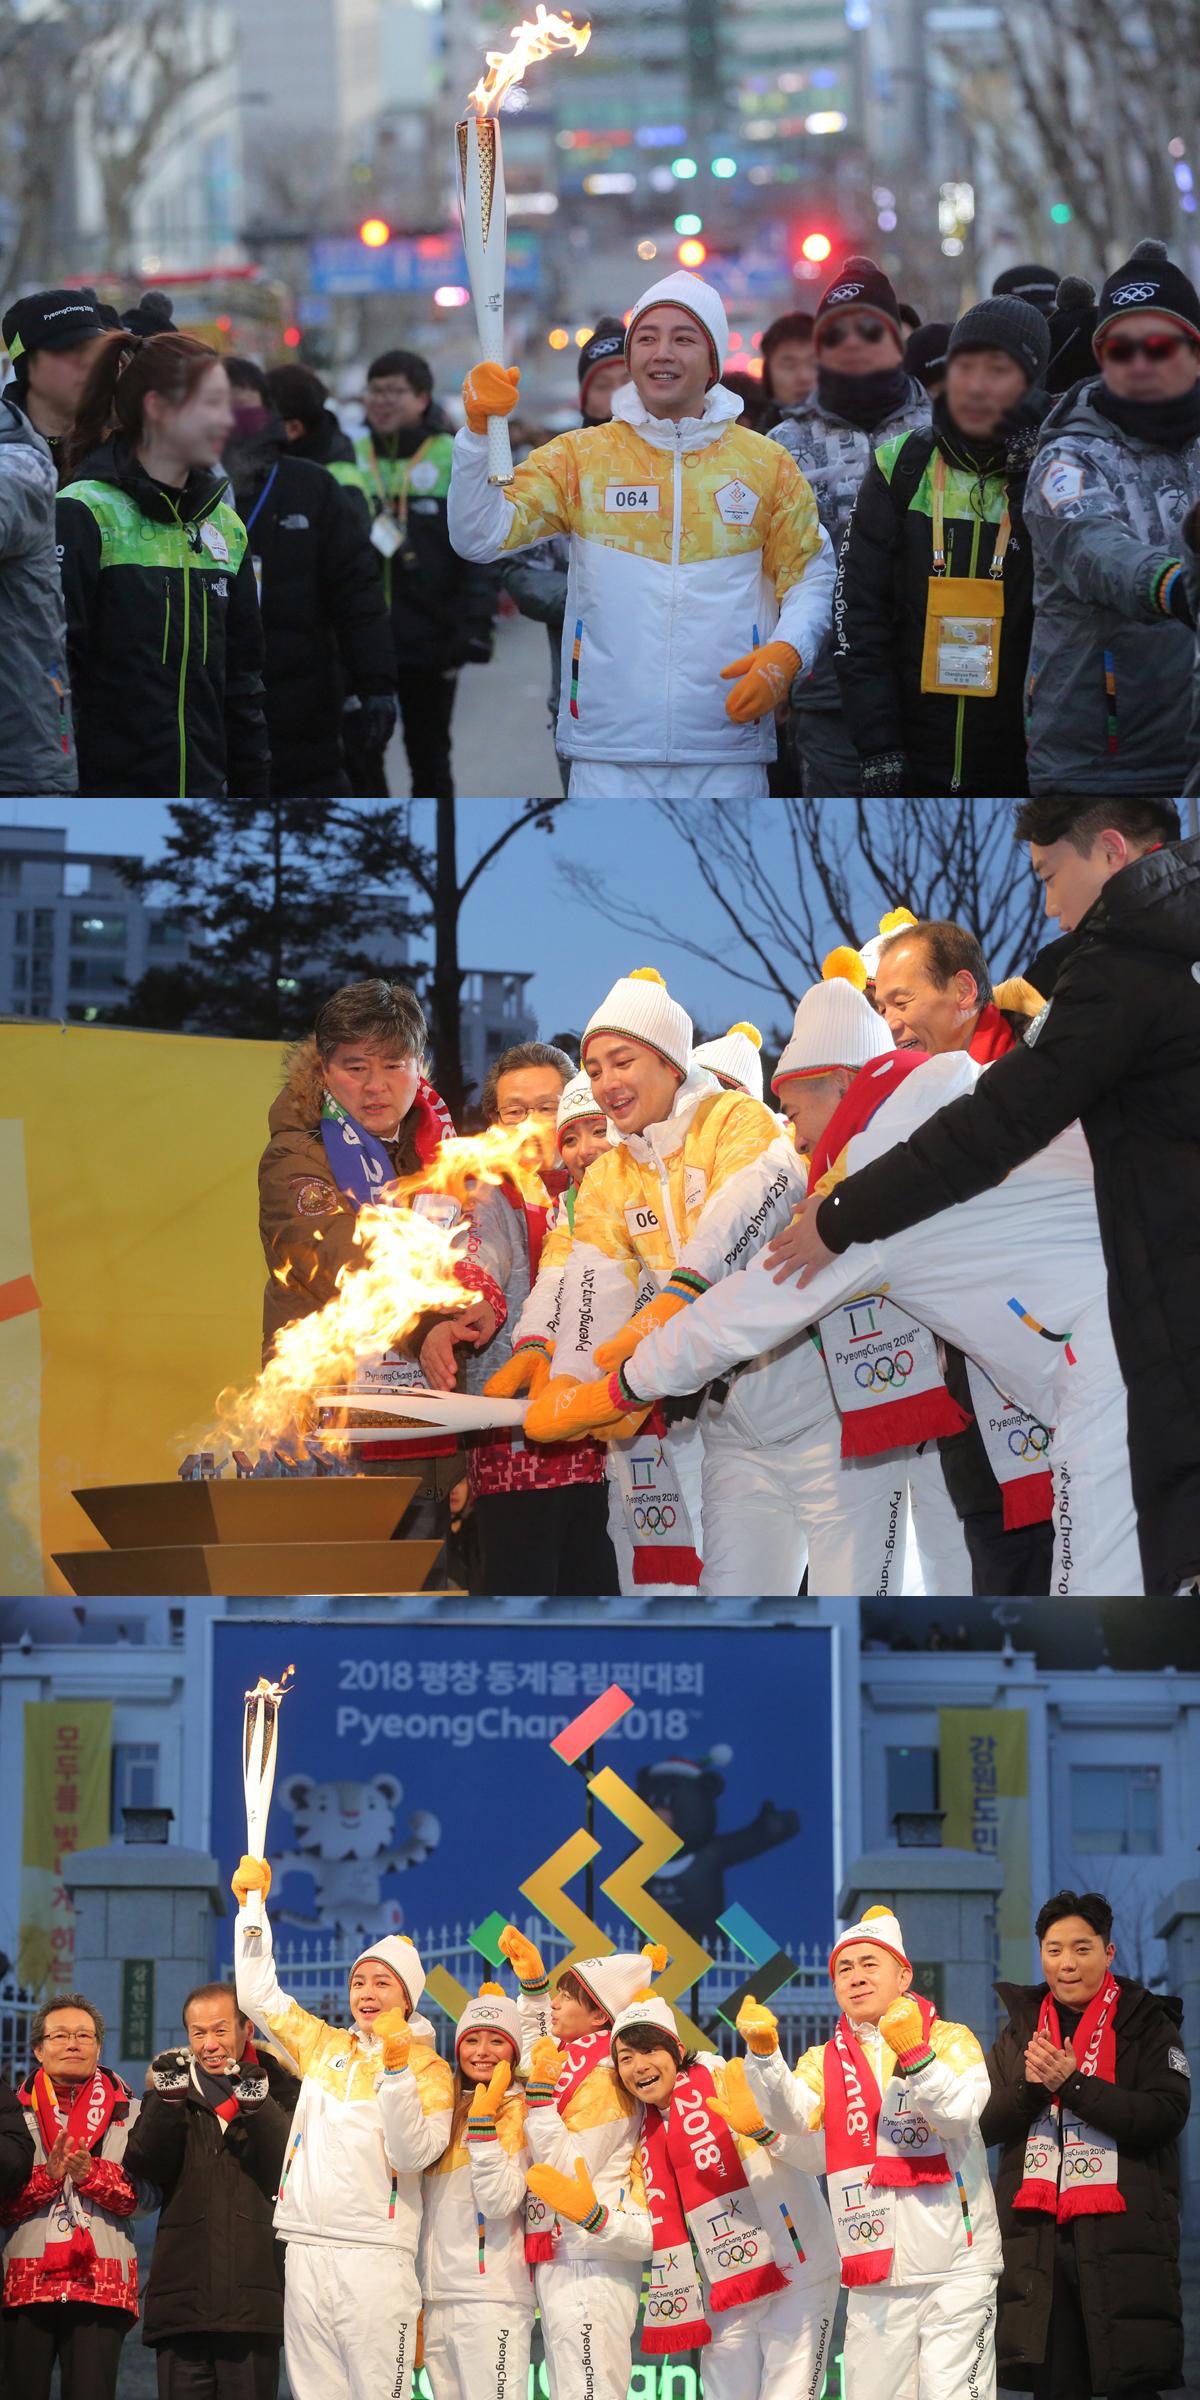 배우 장근석, '2018 평창동계올림픽' 홍보대사...강원도 춘천구간 성화봉송 마지막 주자로 대미 장식